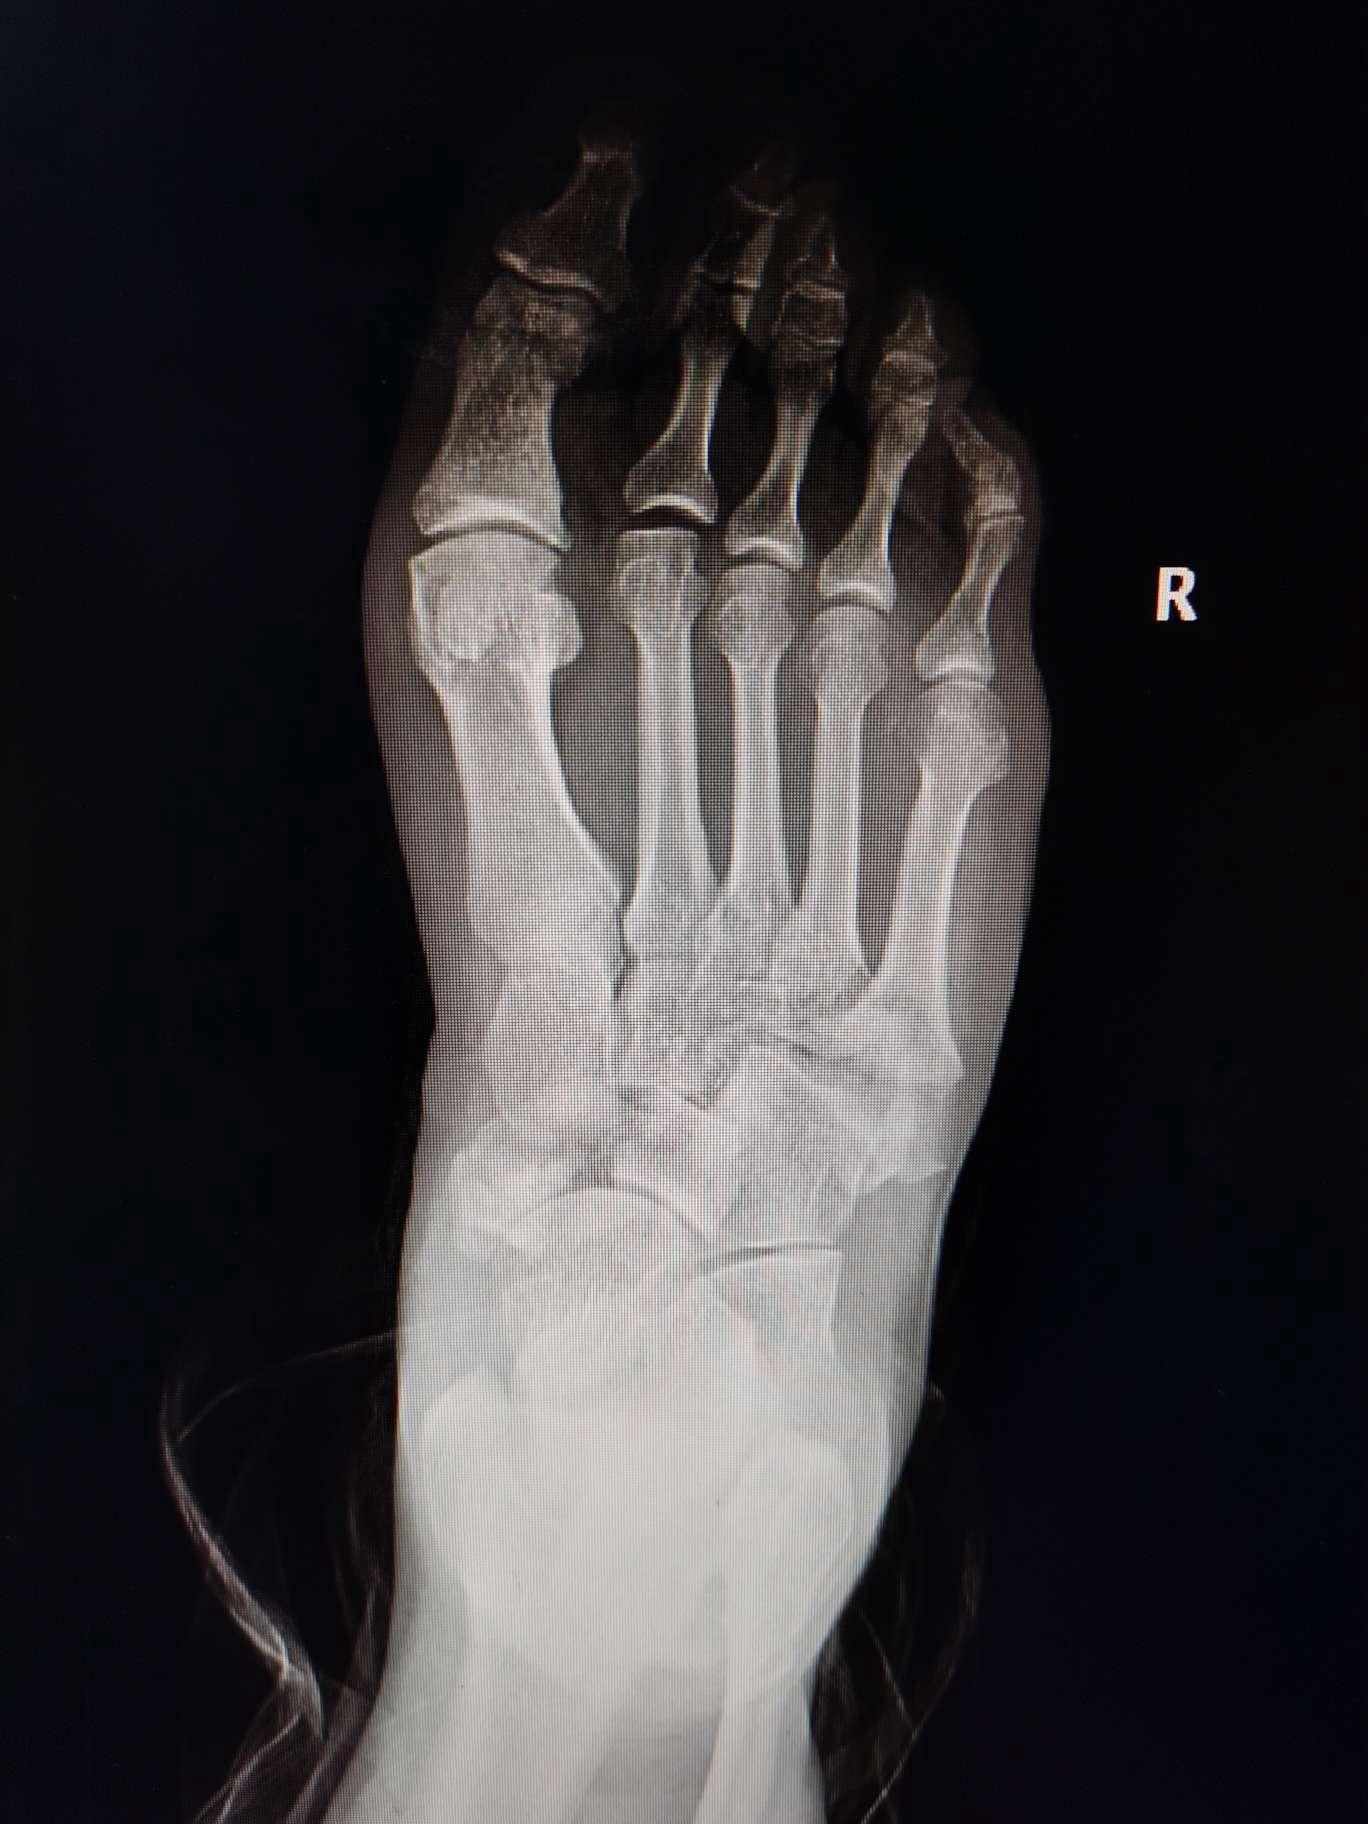 一例足舟骨第五跖骨基底粉碎性骨折的治療 - 病例中心(診療助手) - 愛愛醫醫學網